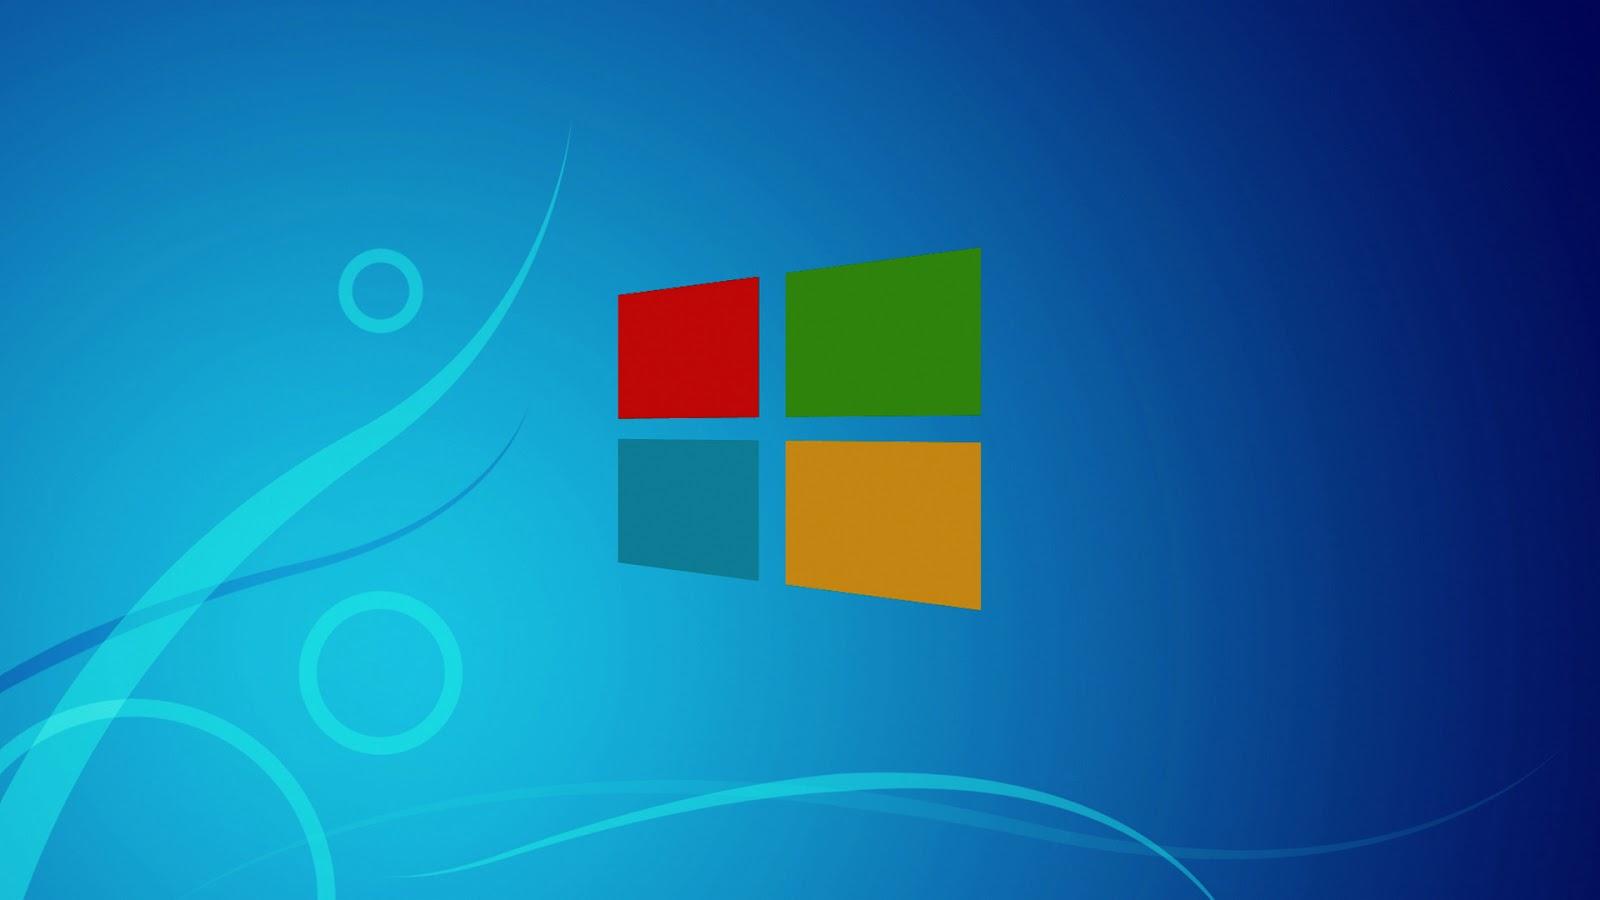 Windows 10 Logo HD desktop wallpaper : Widescreen